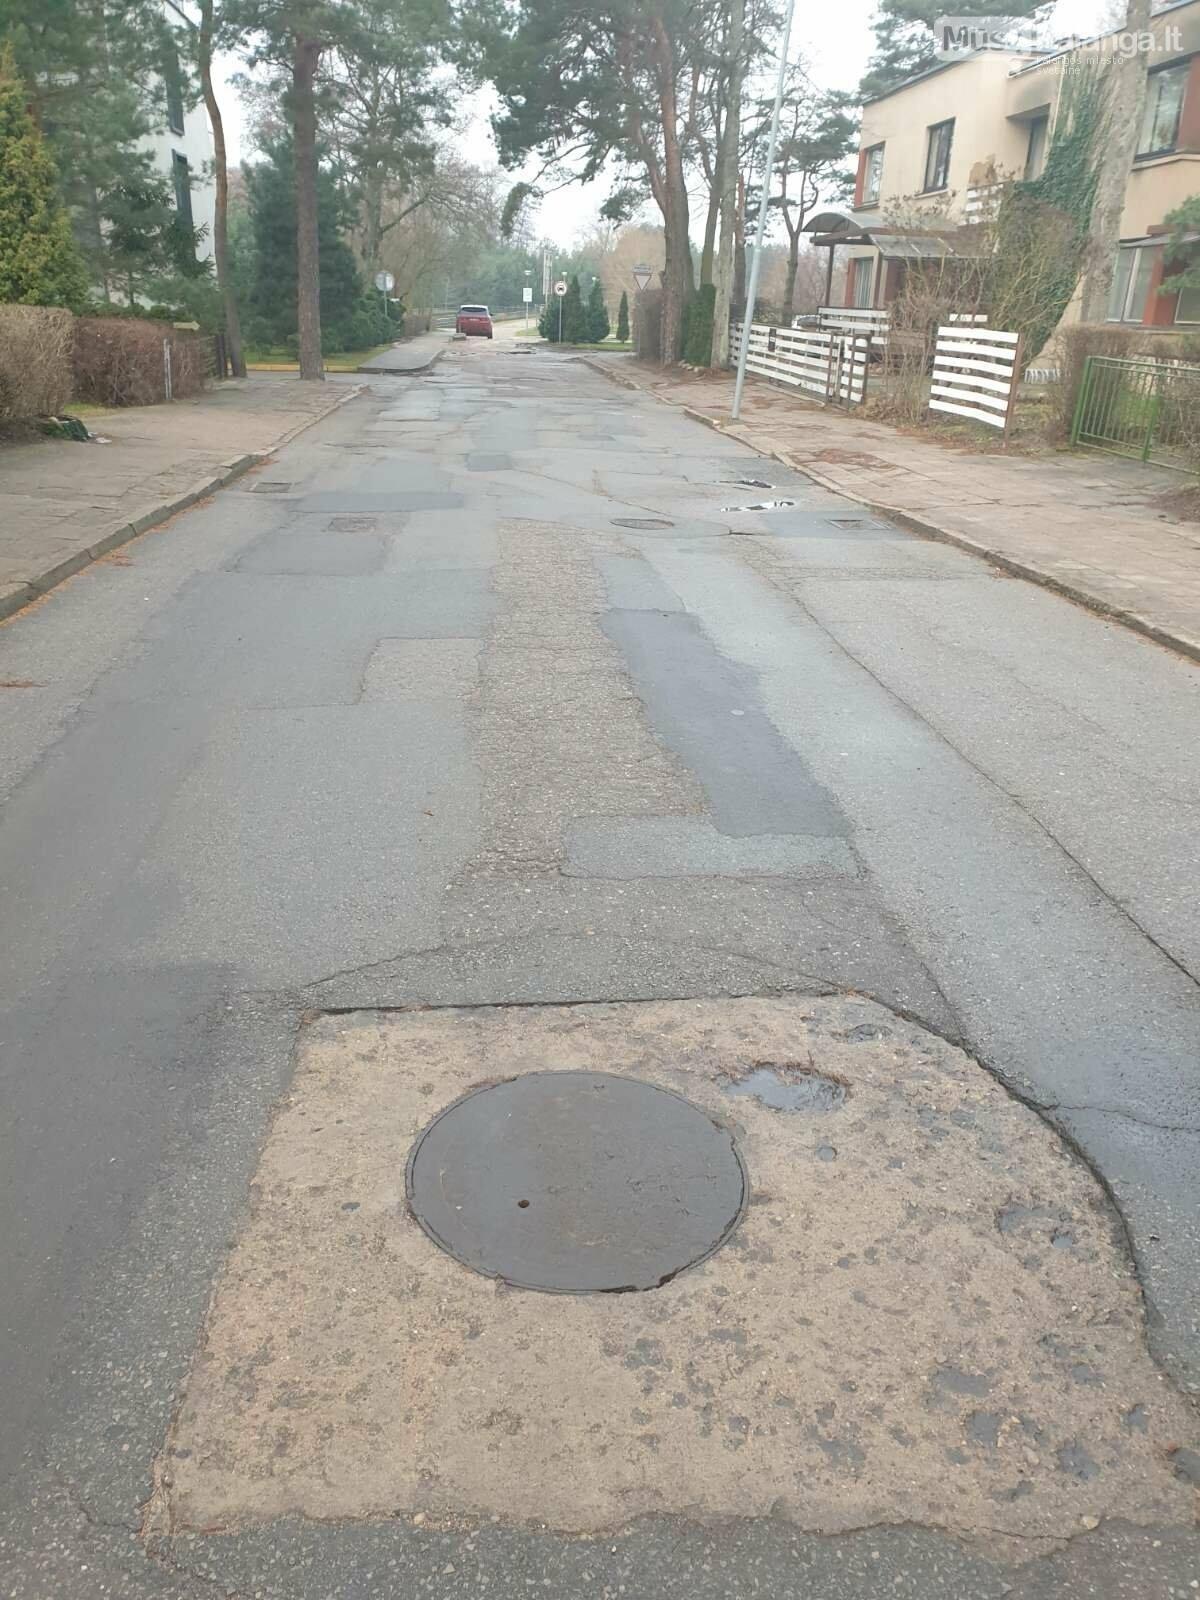 Ragina Palangos valdžią pagaliau pradėti tvarkyti S. Nėries gatvę, nuotrauka-2, Gyventojų nuotr.